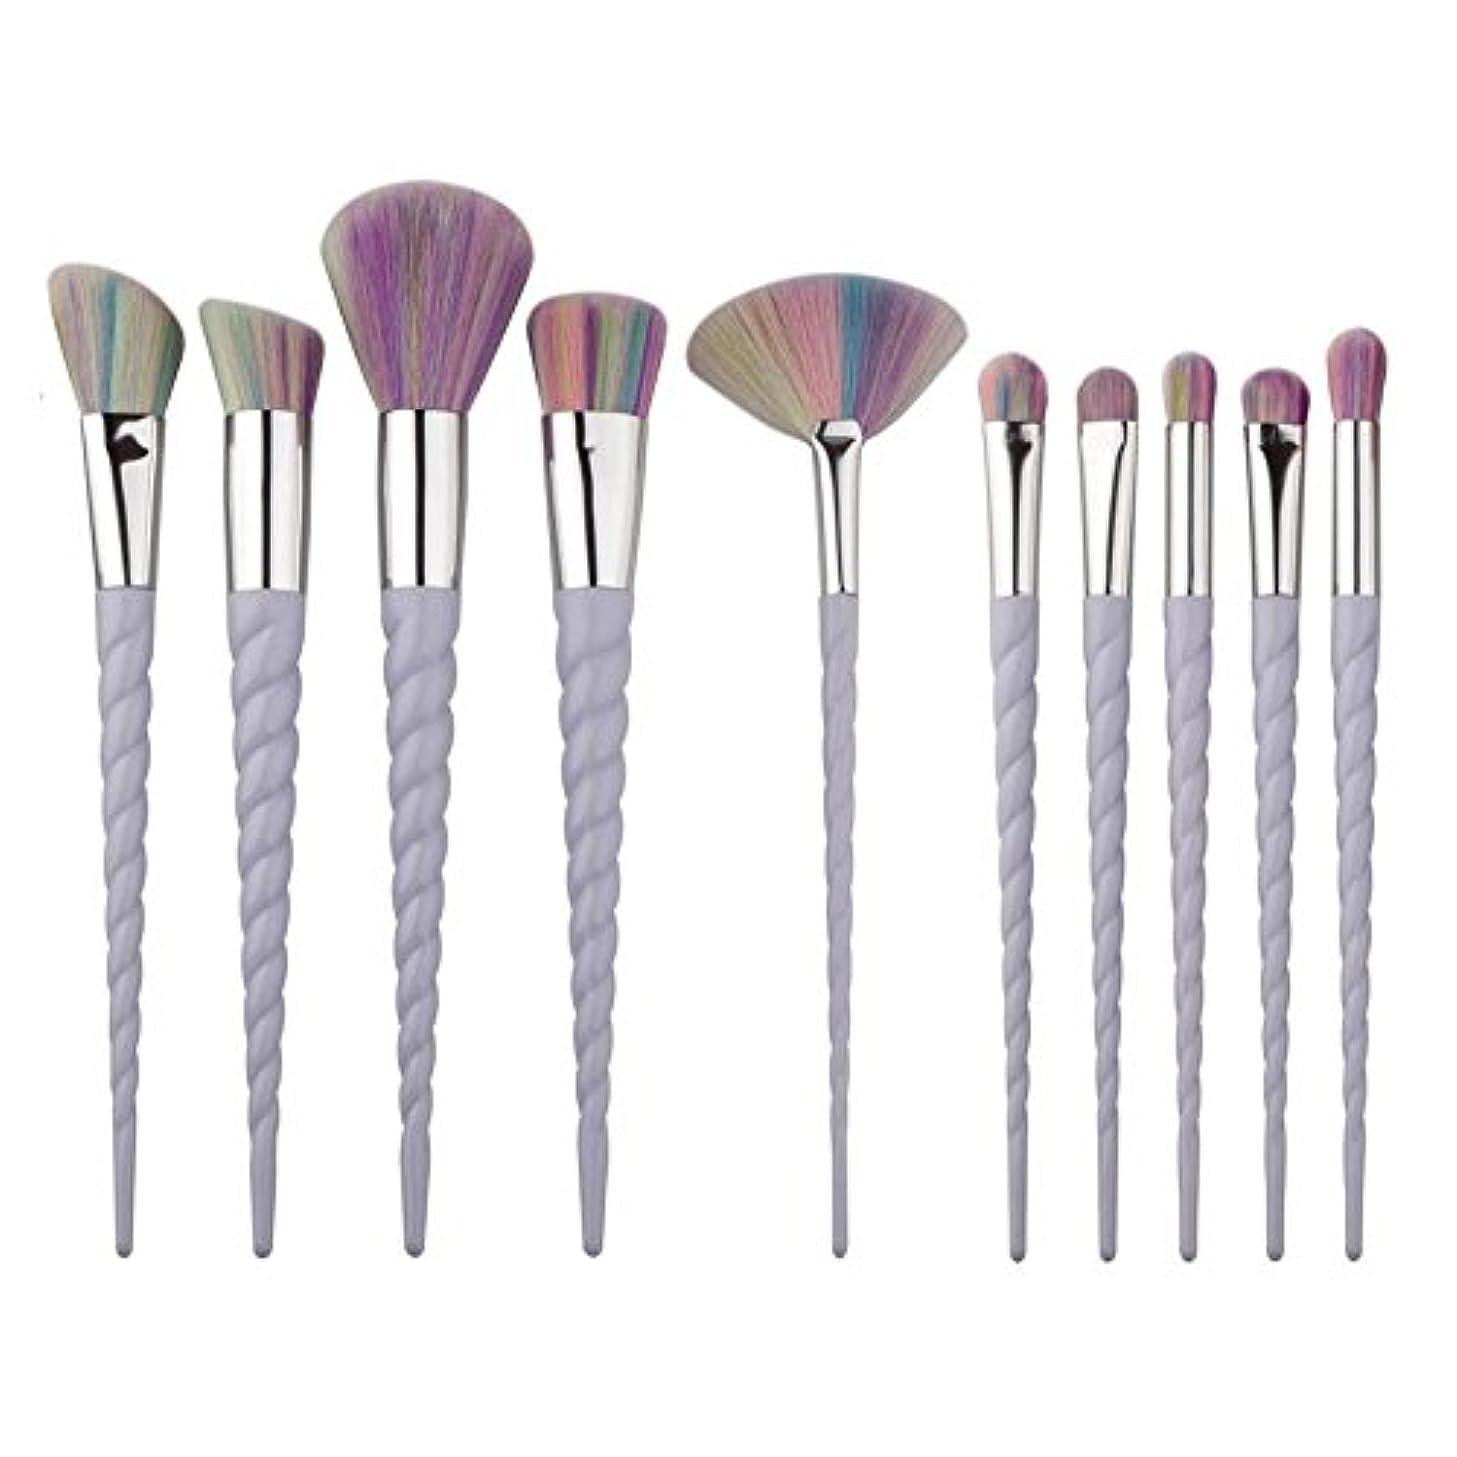 ポップ有名なキモいDilla Beauty 10本セットユニコーンデザインプラスチックハンドル形状メイクブラシセット合成毛ファンデーションブラシアイシャドーブラッシャー美容ツール (ホワイト-1)